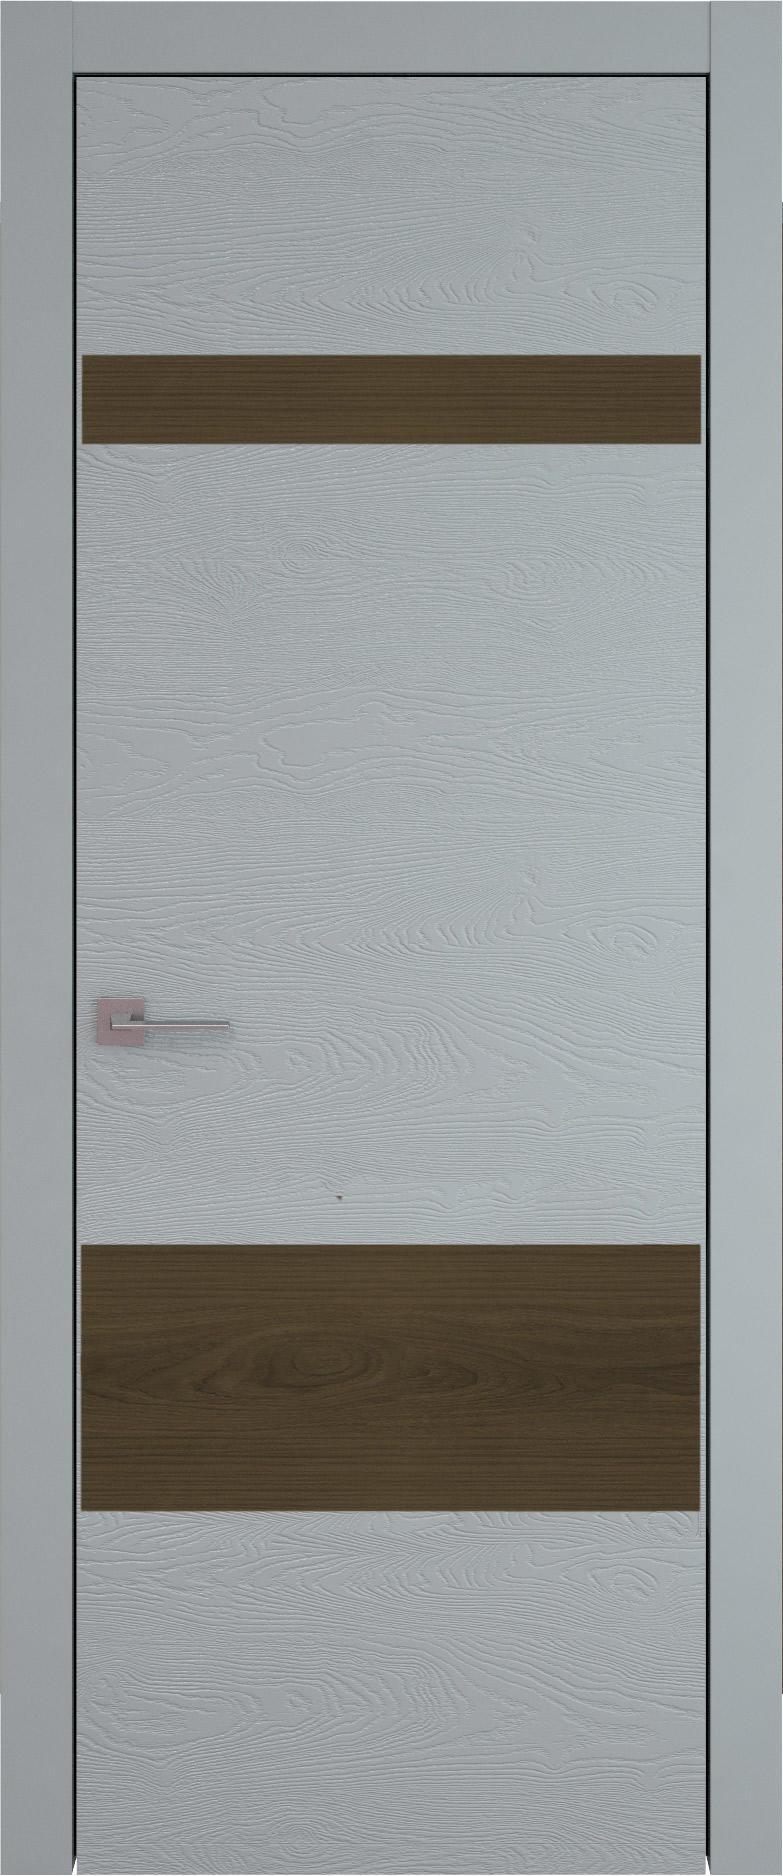 Tivoli К-4 цвет - Серебристо-серая эмаль по шпону (RAL 7045) Без стекла (ДГ)